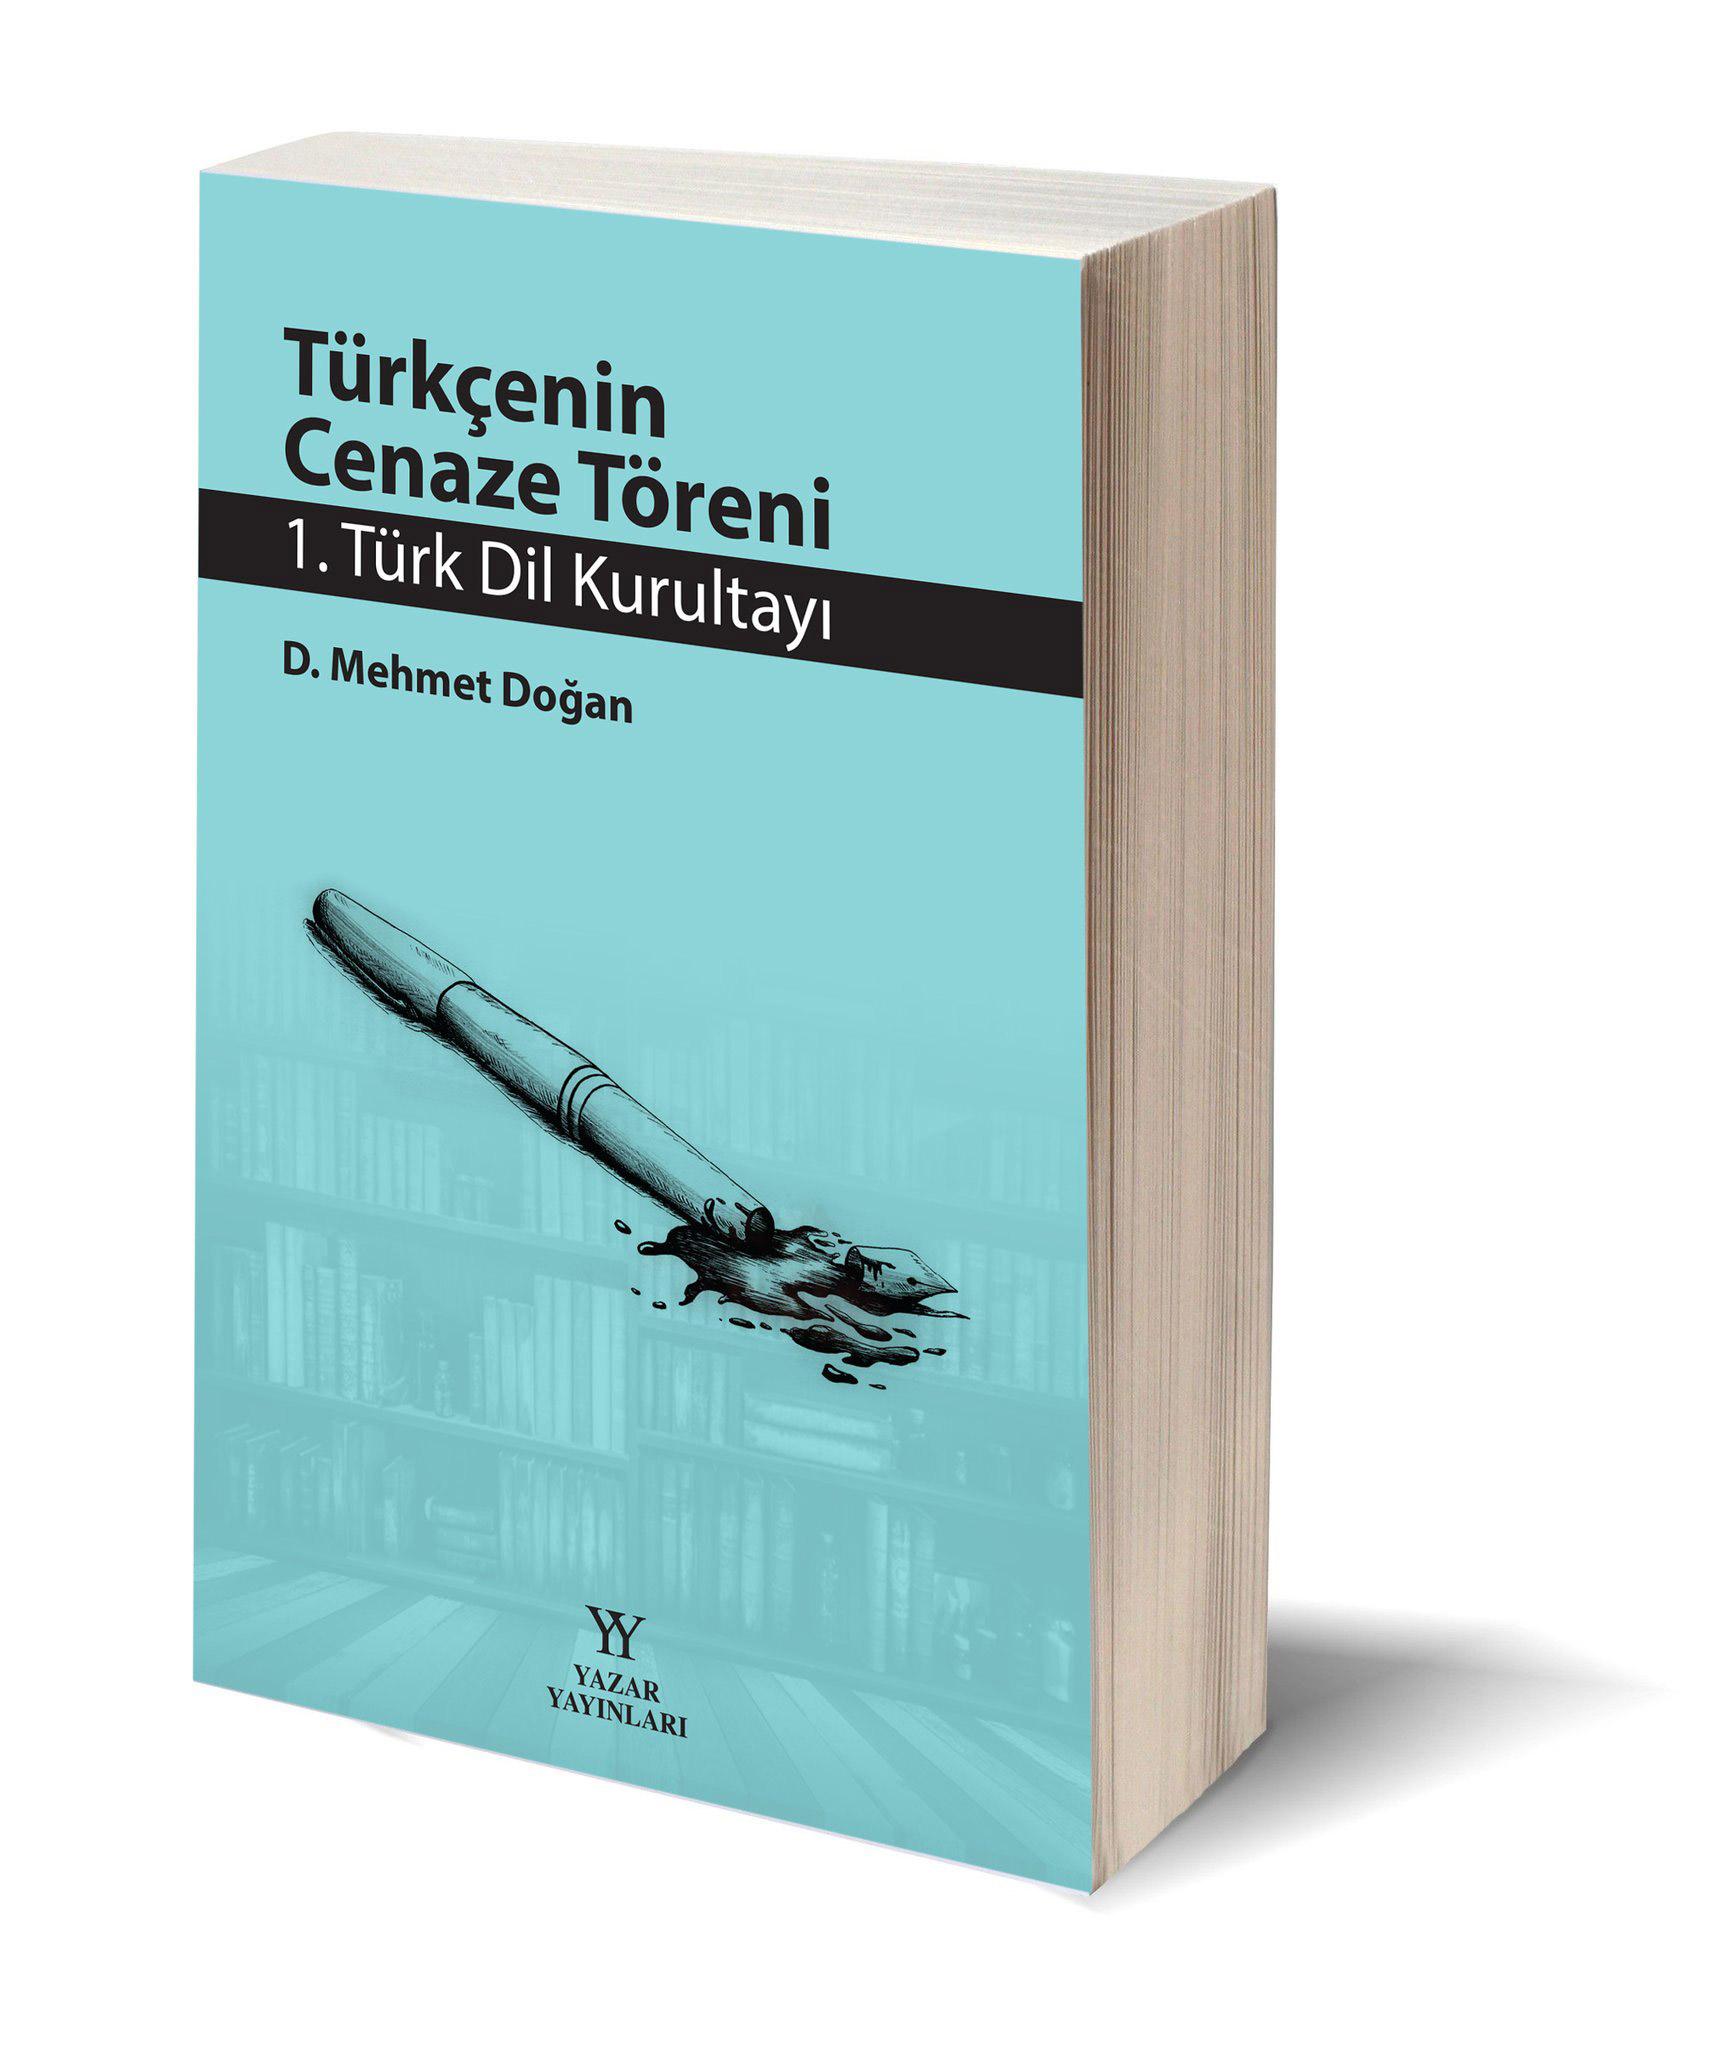 turkcenin-cenaze-toreni.jpg